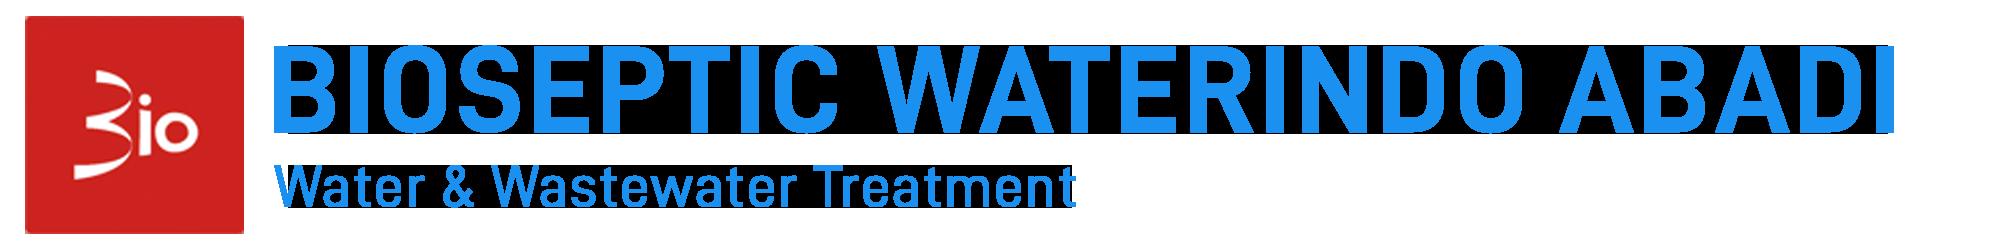 Bioseptic Waterindo Abadi